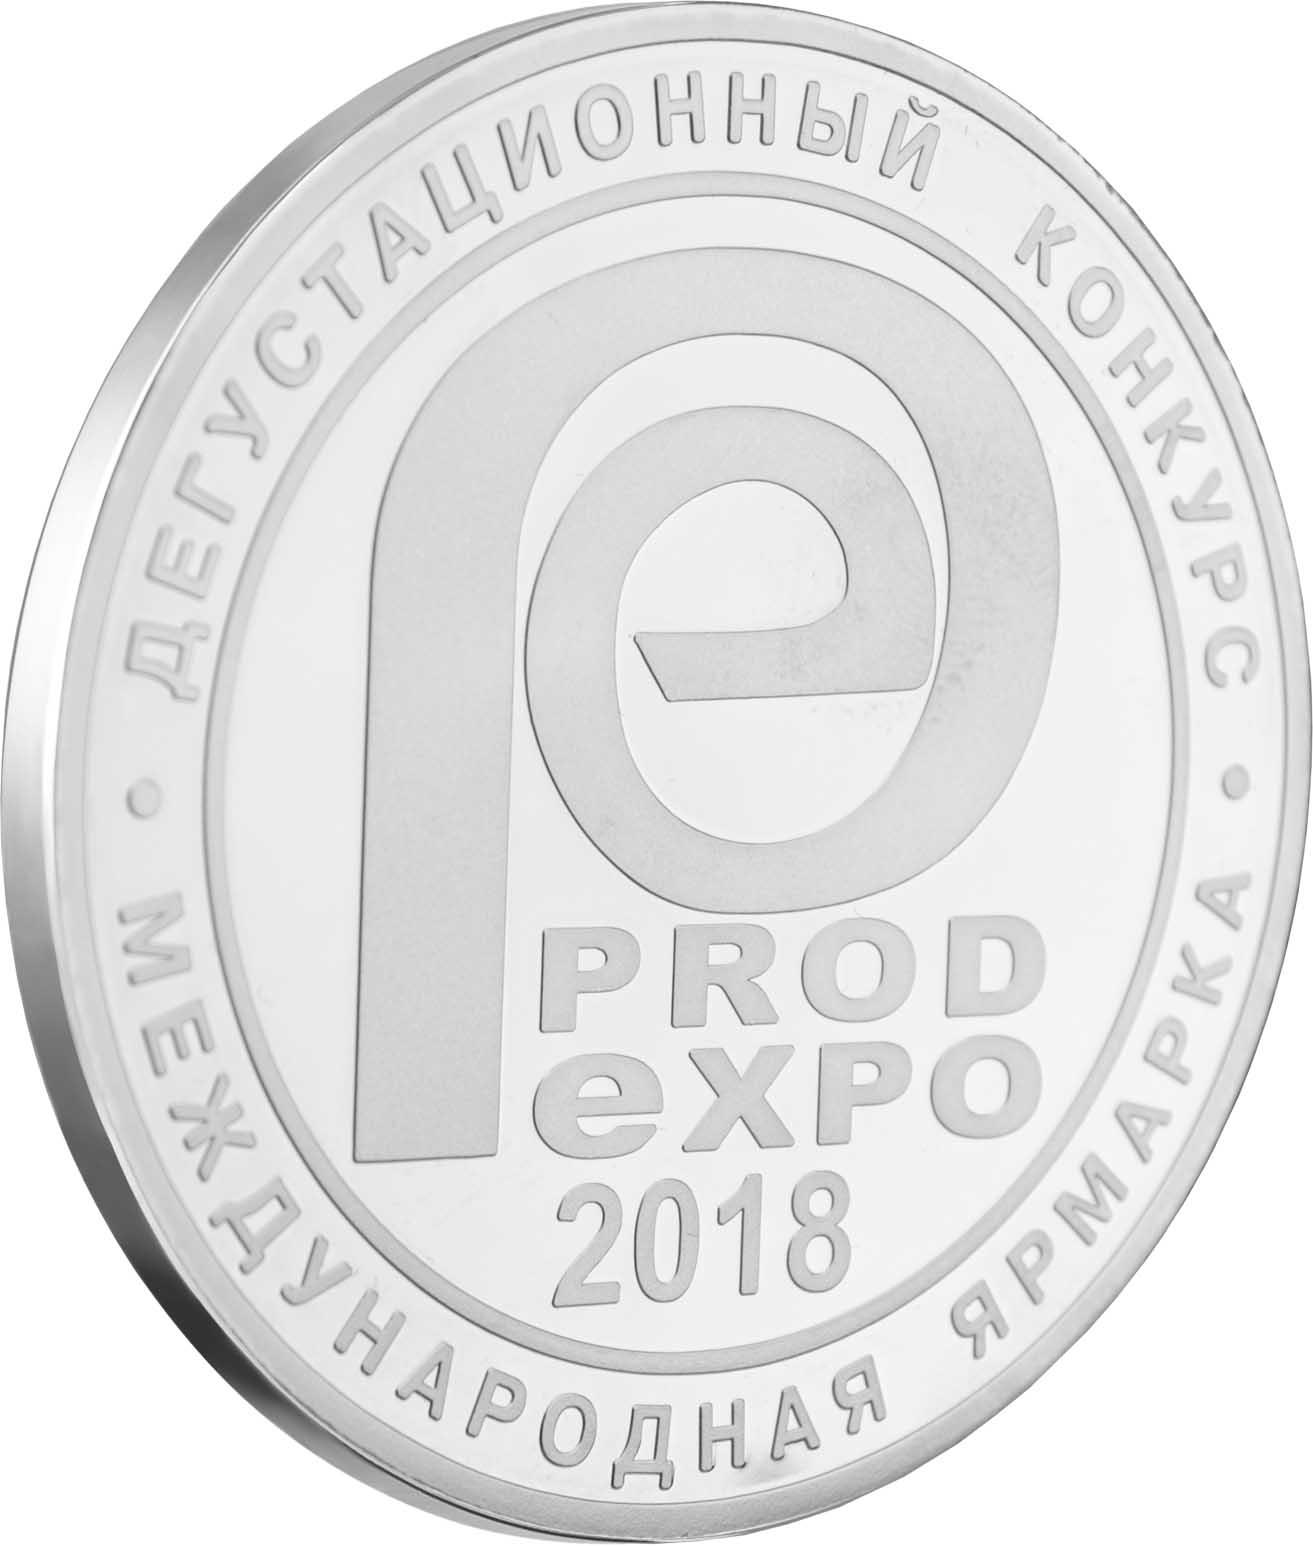 Дегустационный конкурс ПРОД ЭКСПО 2018 - Серебряная медаль